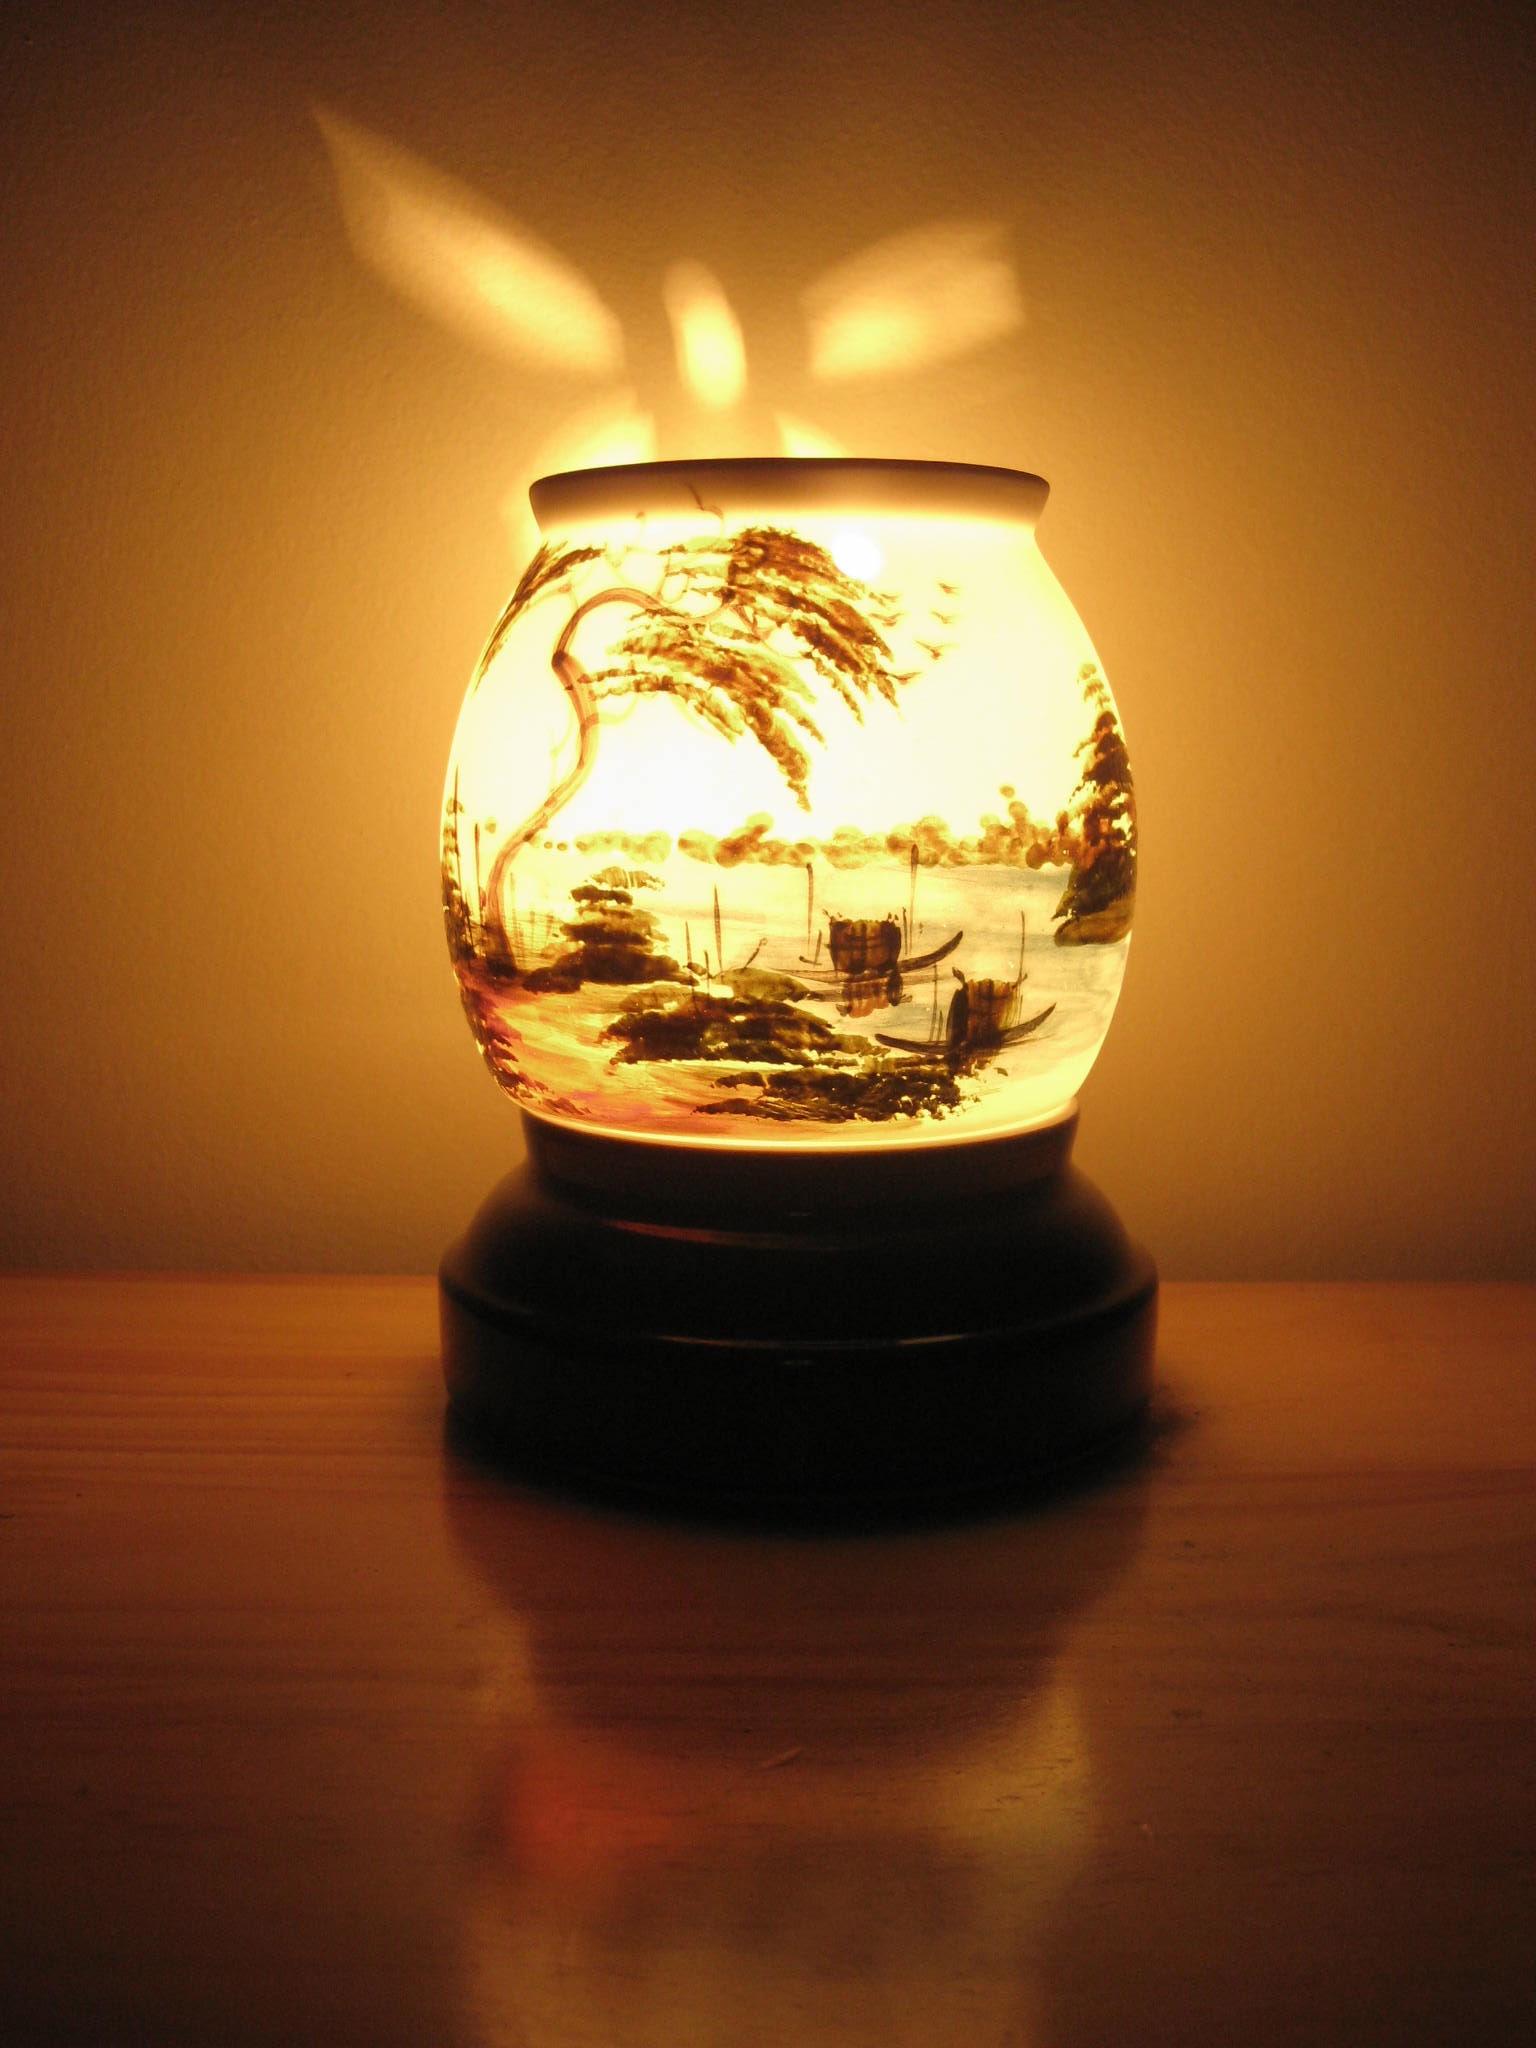 Đèn xông tinh dầu với nhiều công dụng tuyệt vời thì chỉ mang nhiều lợi ích chó sức khỏe chứ không có tác hại gì khi chúng ta sử dụng đúng cách đúng tinh dầu nguyên chất